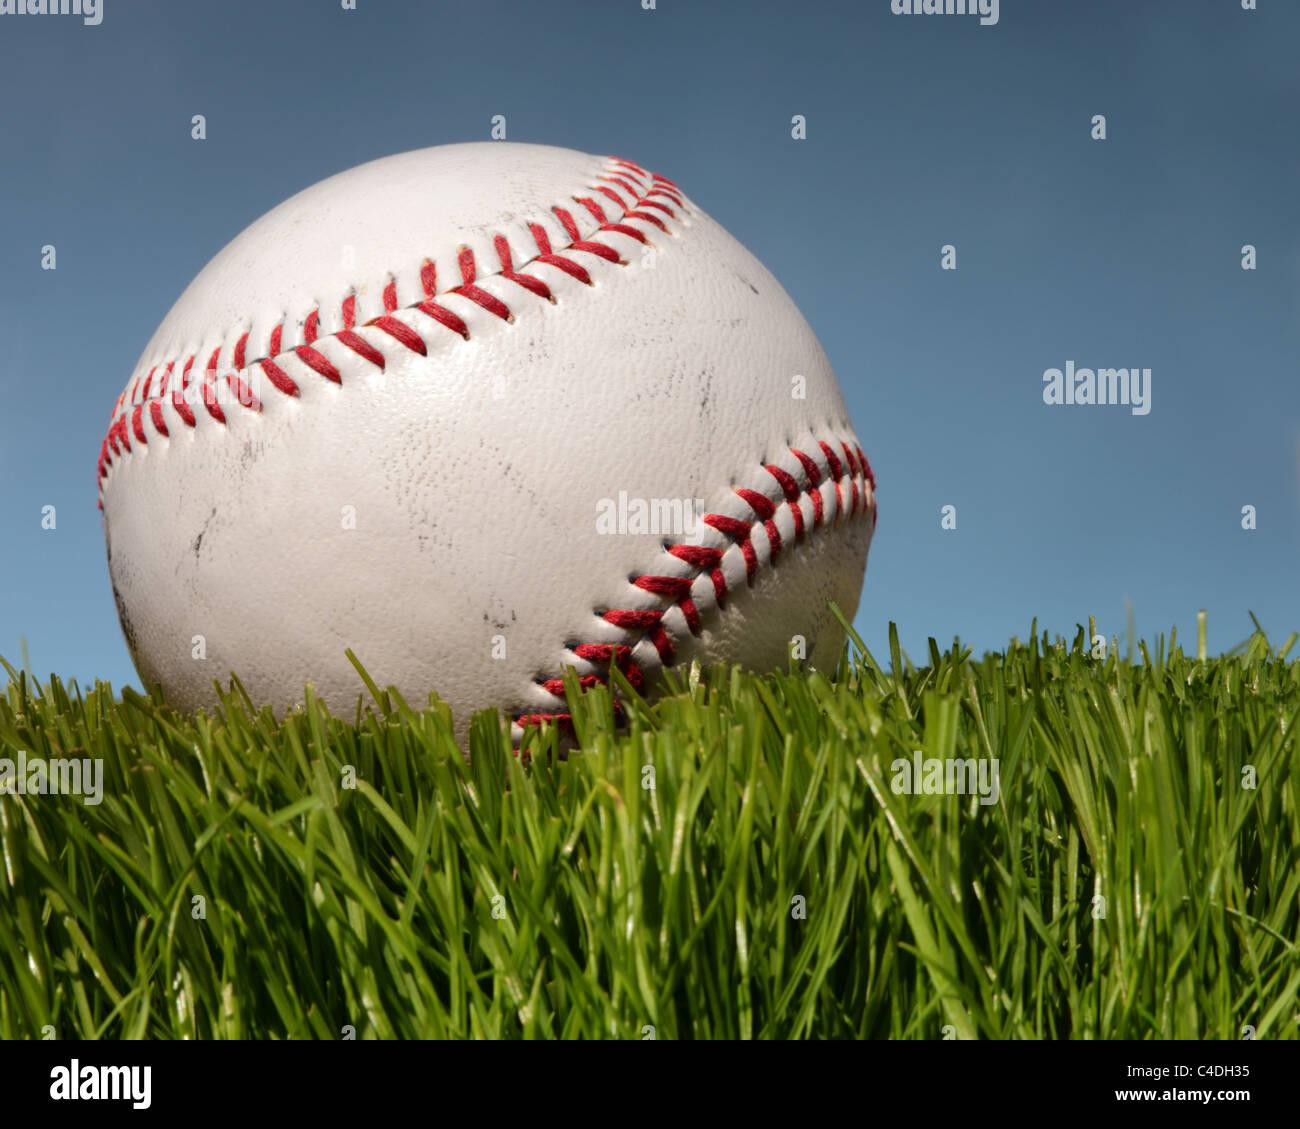 Il baseball su erba verde con cielo blu dietro. Immagini Stock